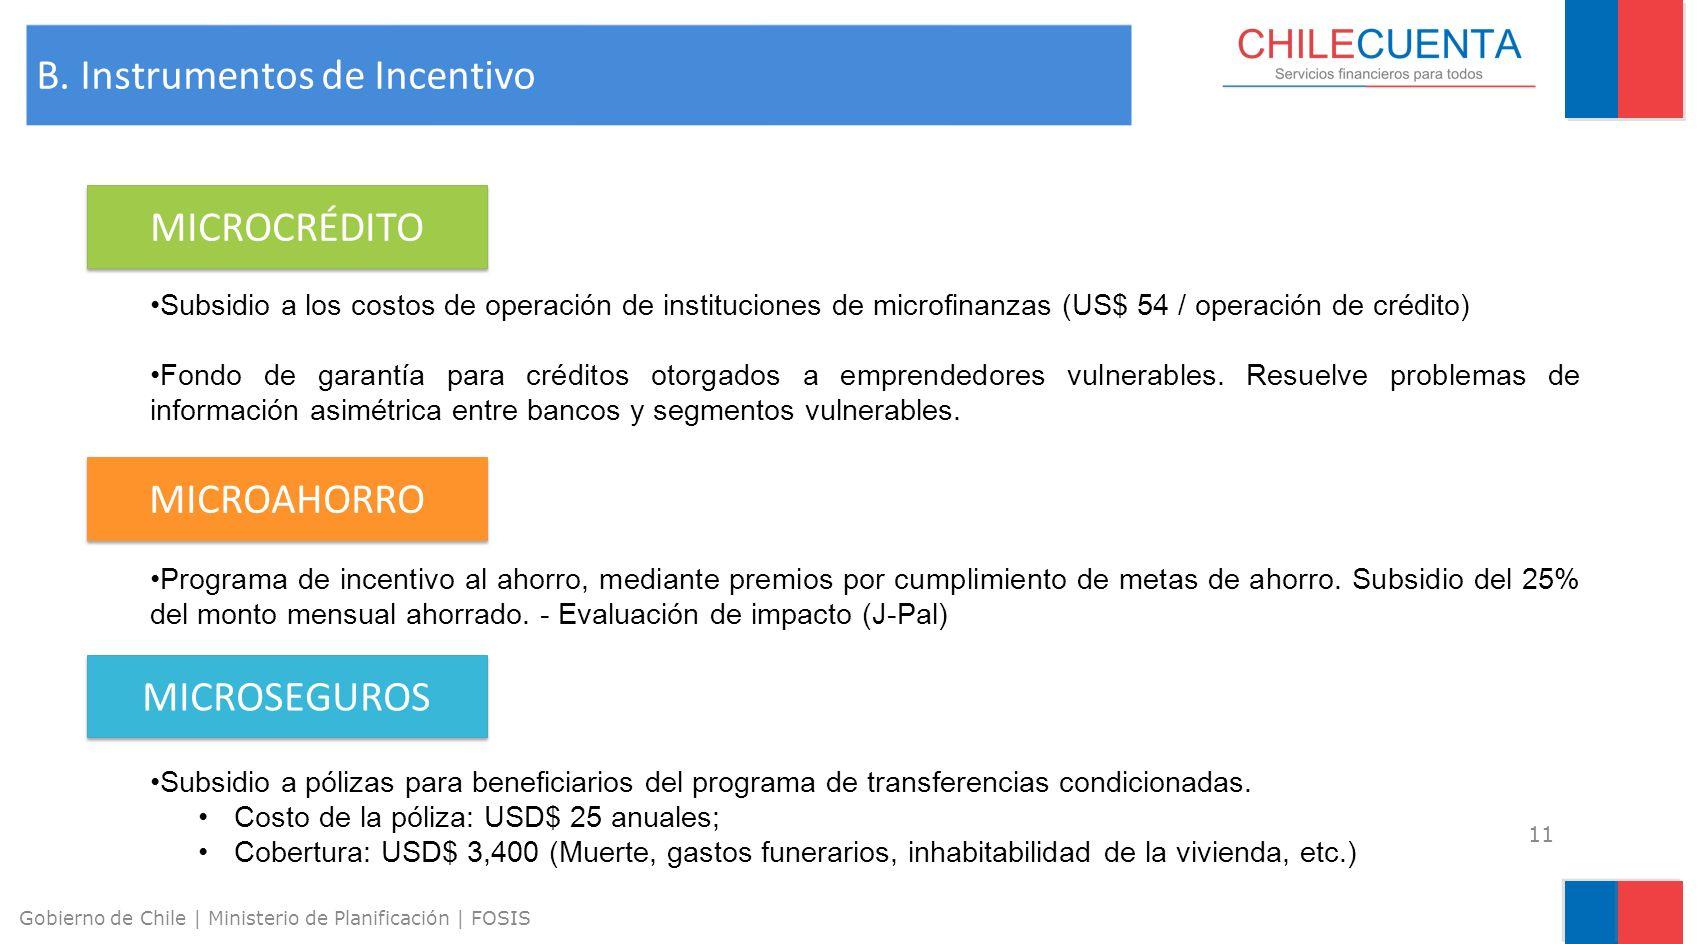 11 Gobierno de Chile | Ministerio de Planificación | FOSIS Subsidio a los costos de operación de instituciones de microfinanzas (US$ 54 / operación de